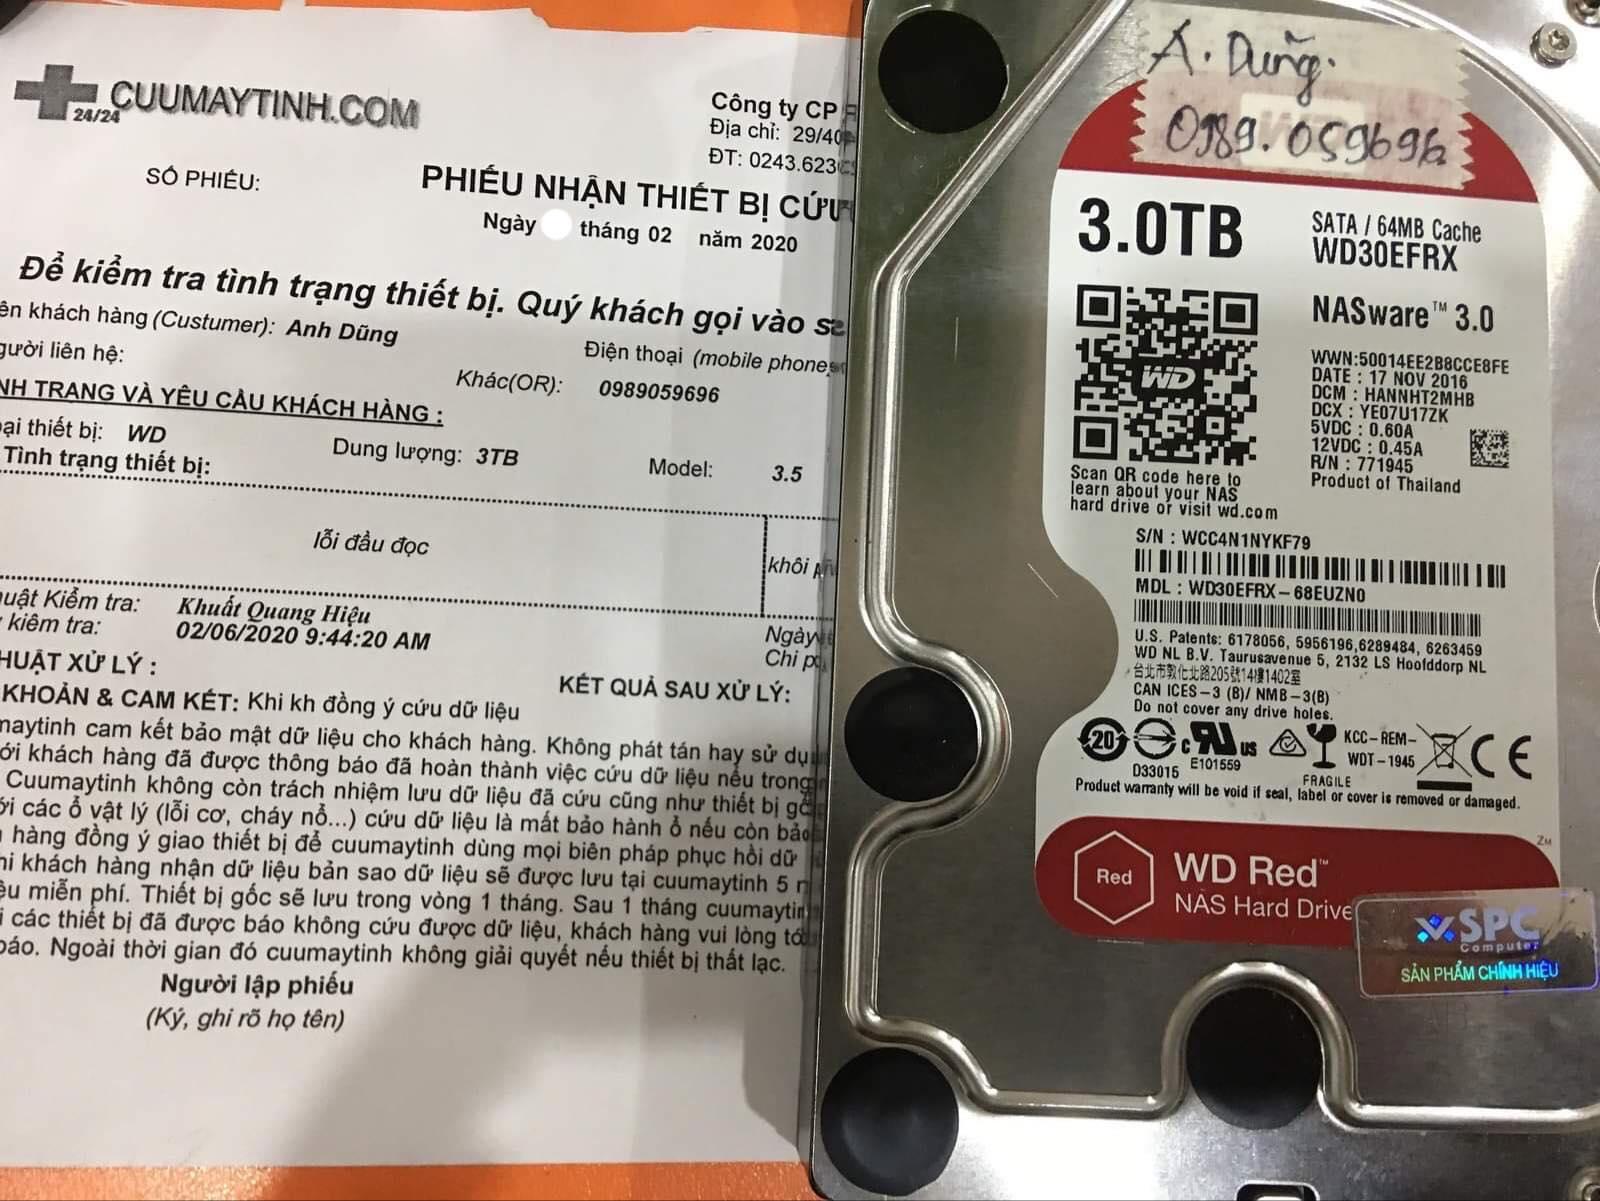 Khôi phục dữ liệu ổ cứng Western 3TB lỗi đầu đọc 28/02/2020 - cuumaytinh